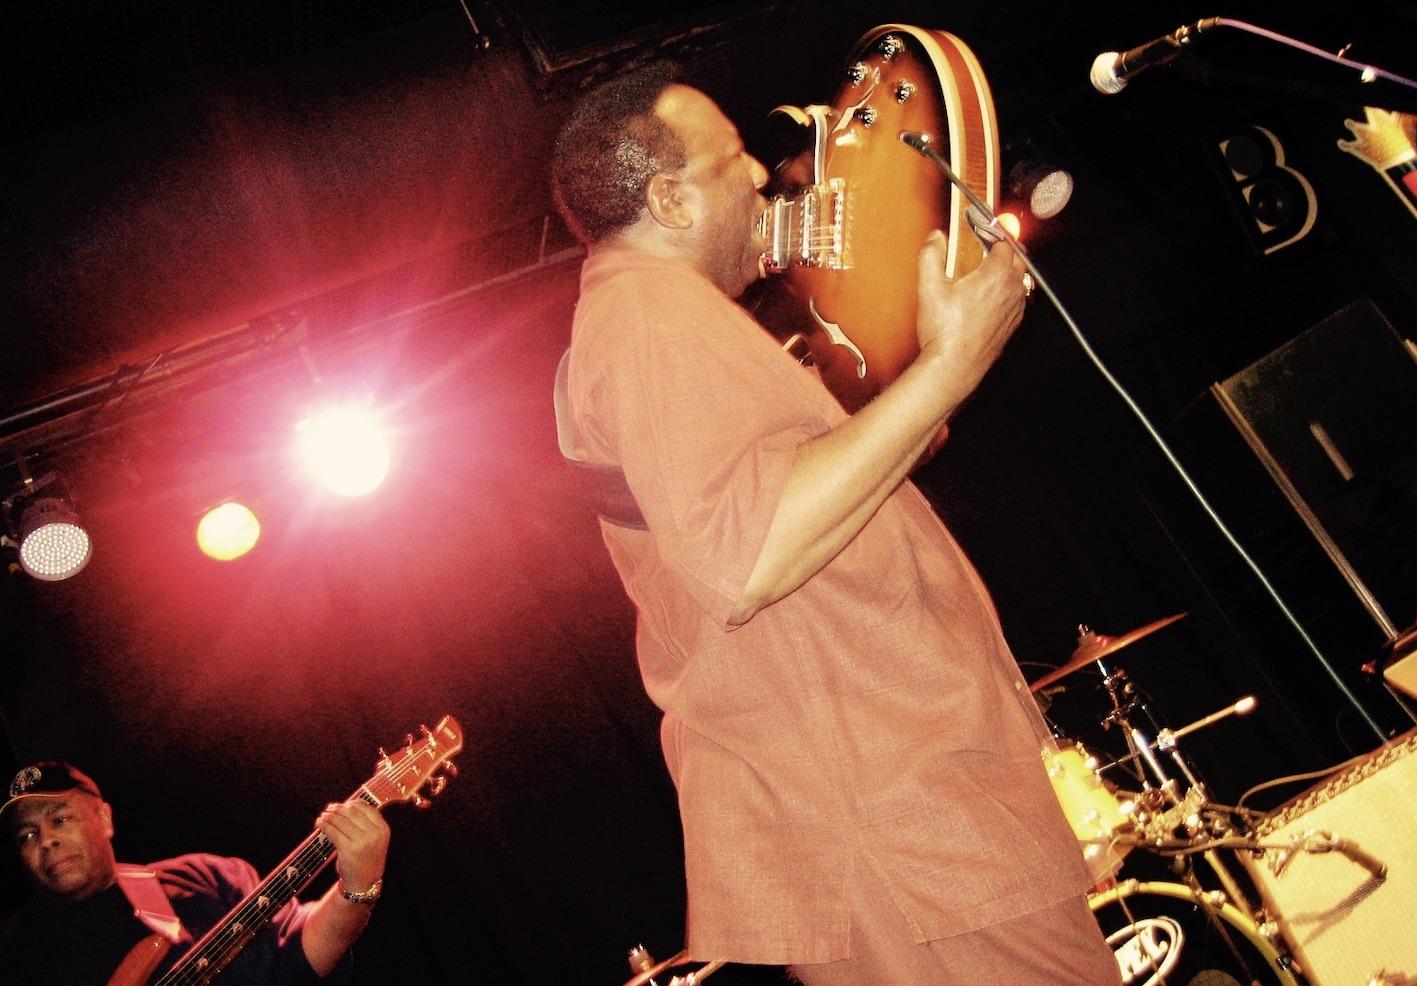 Memphis Nostalgia Preston Shannon live at B.B. King's